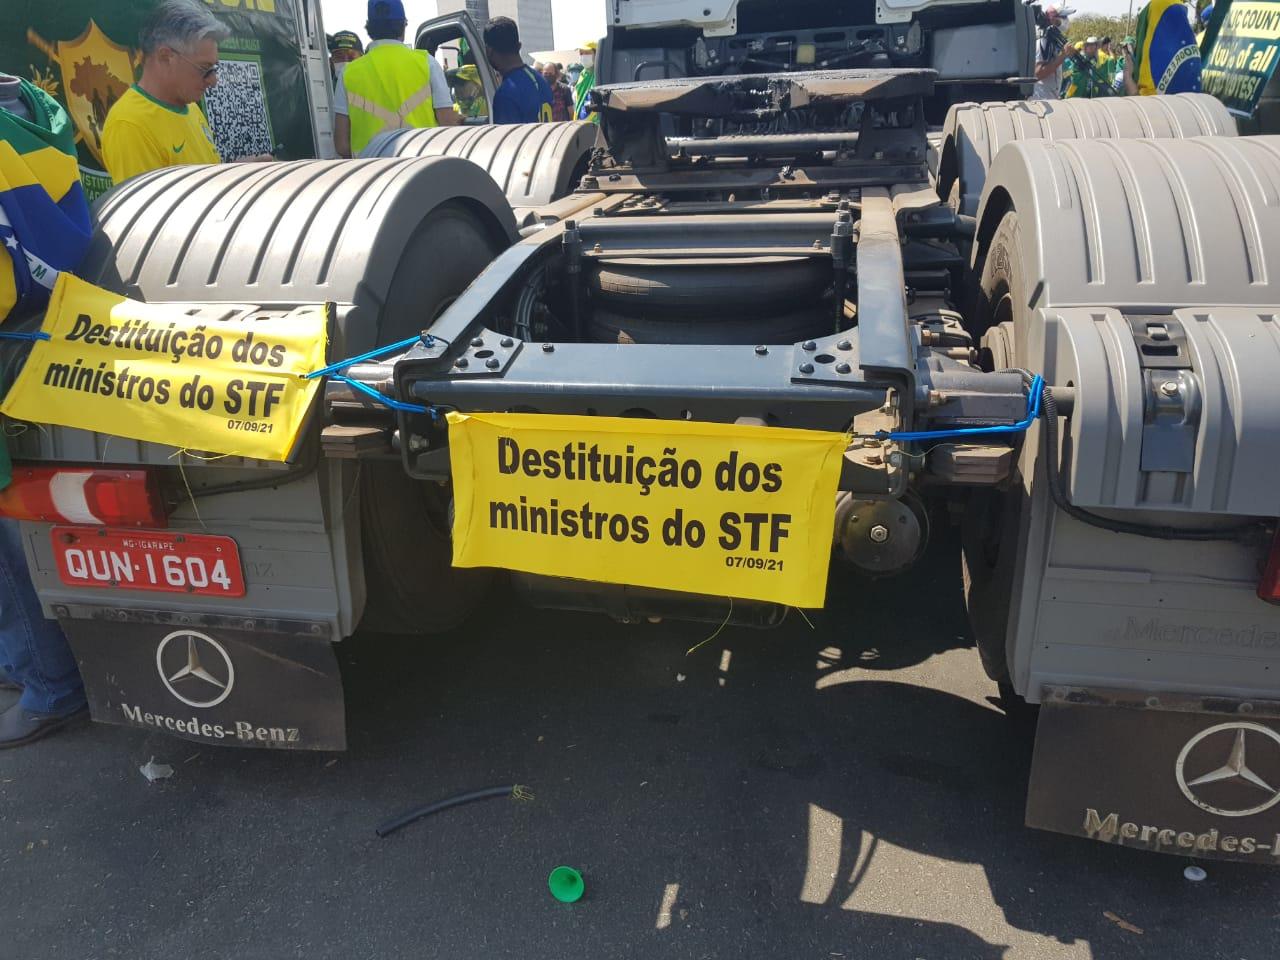 IMAGEM: Sócio de empresa com caminhões em ato pró-Bolsonaro é diretor da Aprosoja